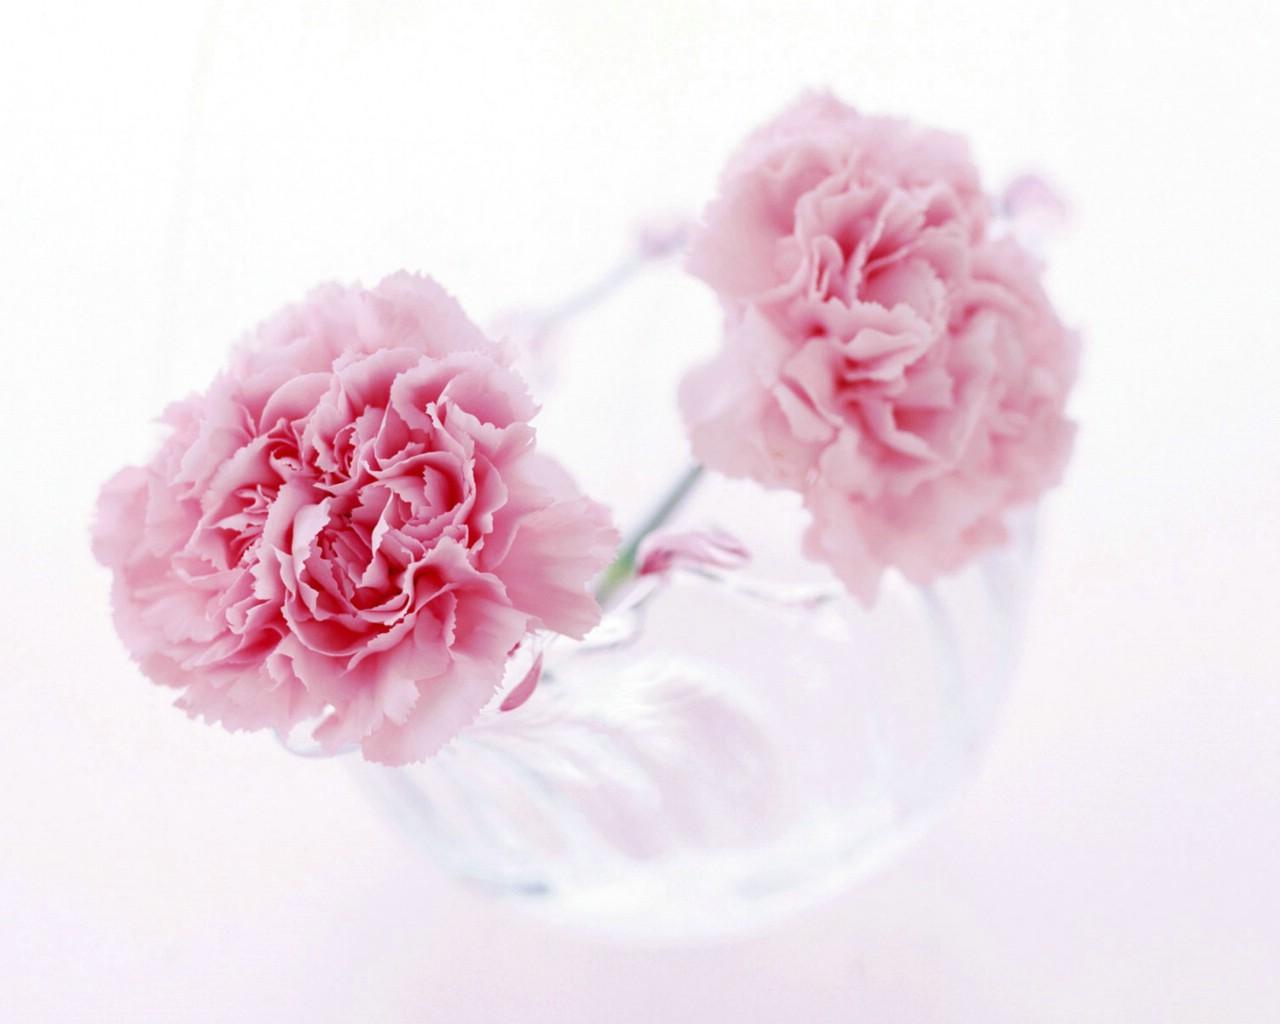 壁纸1280×1024母亲节康乃馨 1 18壁纸 鲜花特写 母亲节康乃馨 第一辑壁纸图片花卉壁纸花卉图片素材桌面壁纸